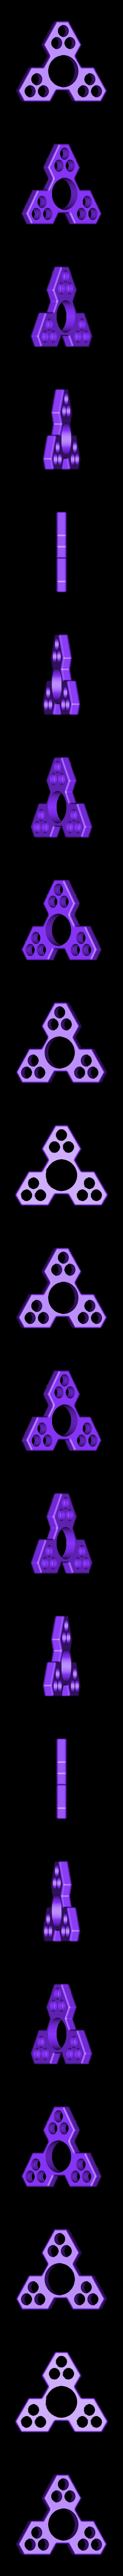 mitsu_629.stl Télécharger fichier STL gratuit Fidget Spinner Mitsu remix with 10mm balls • Objet imprimable en 3D, bda